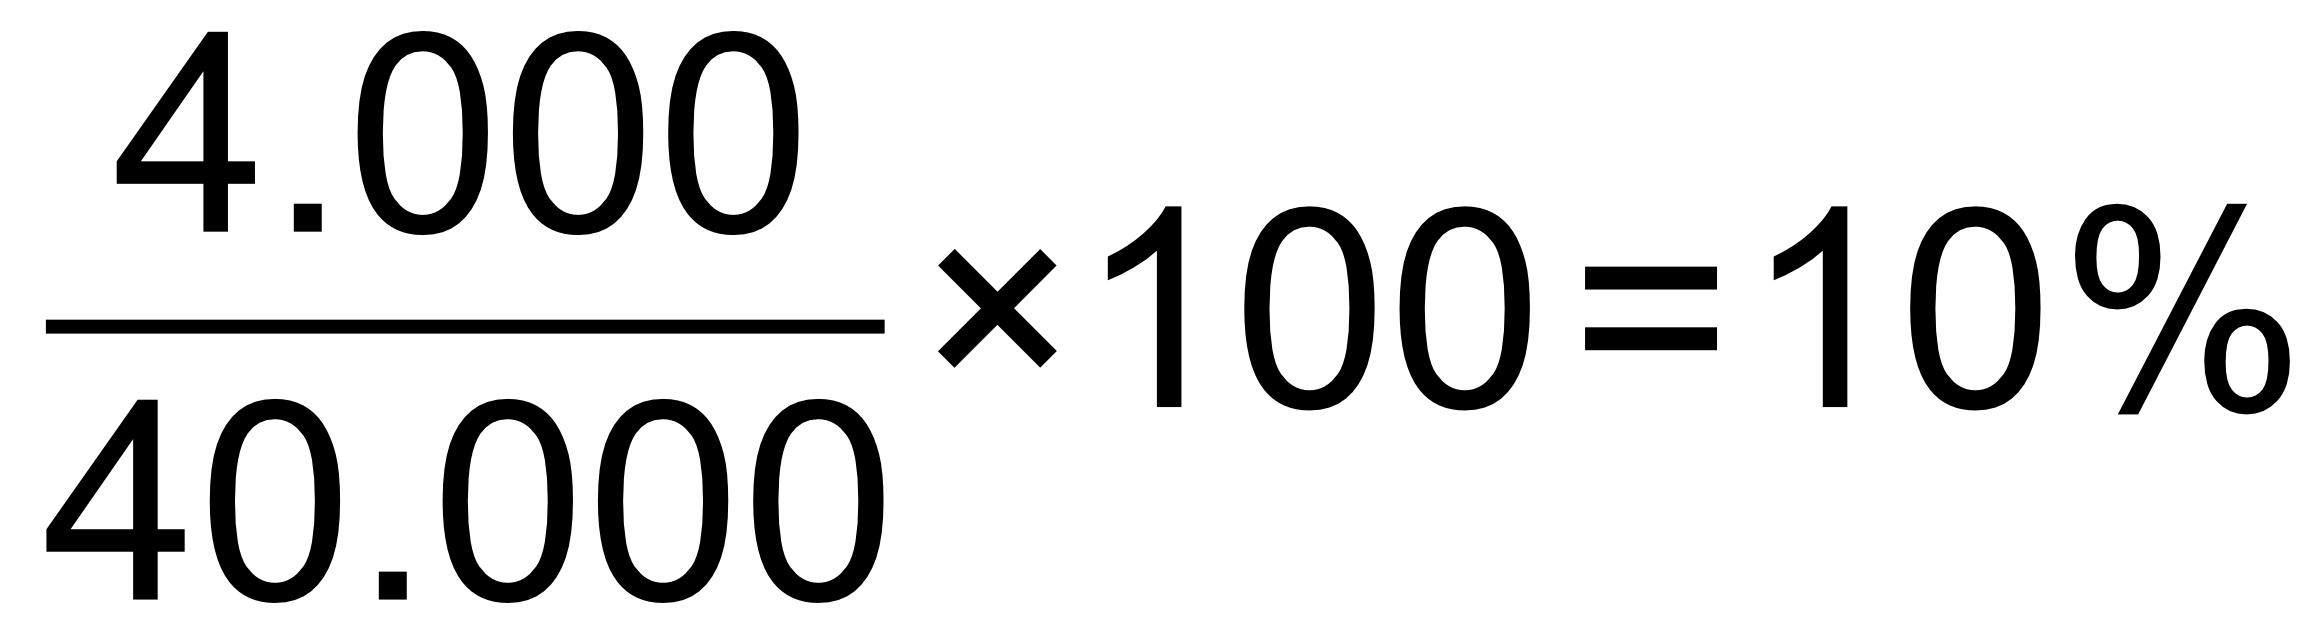 Beispiel zur Berechnung der Umsatzrentabilität